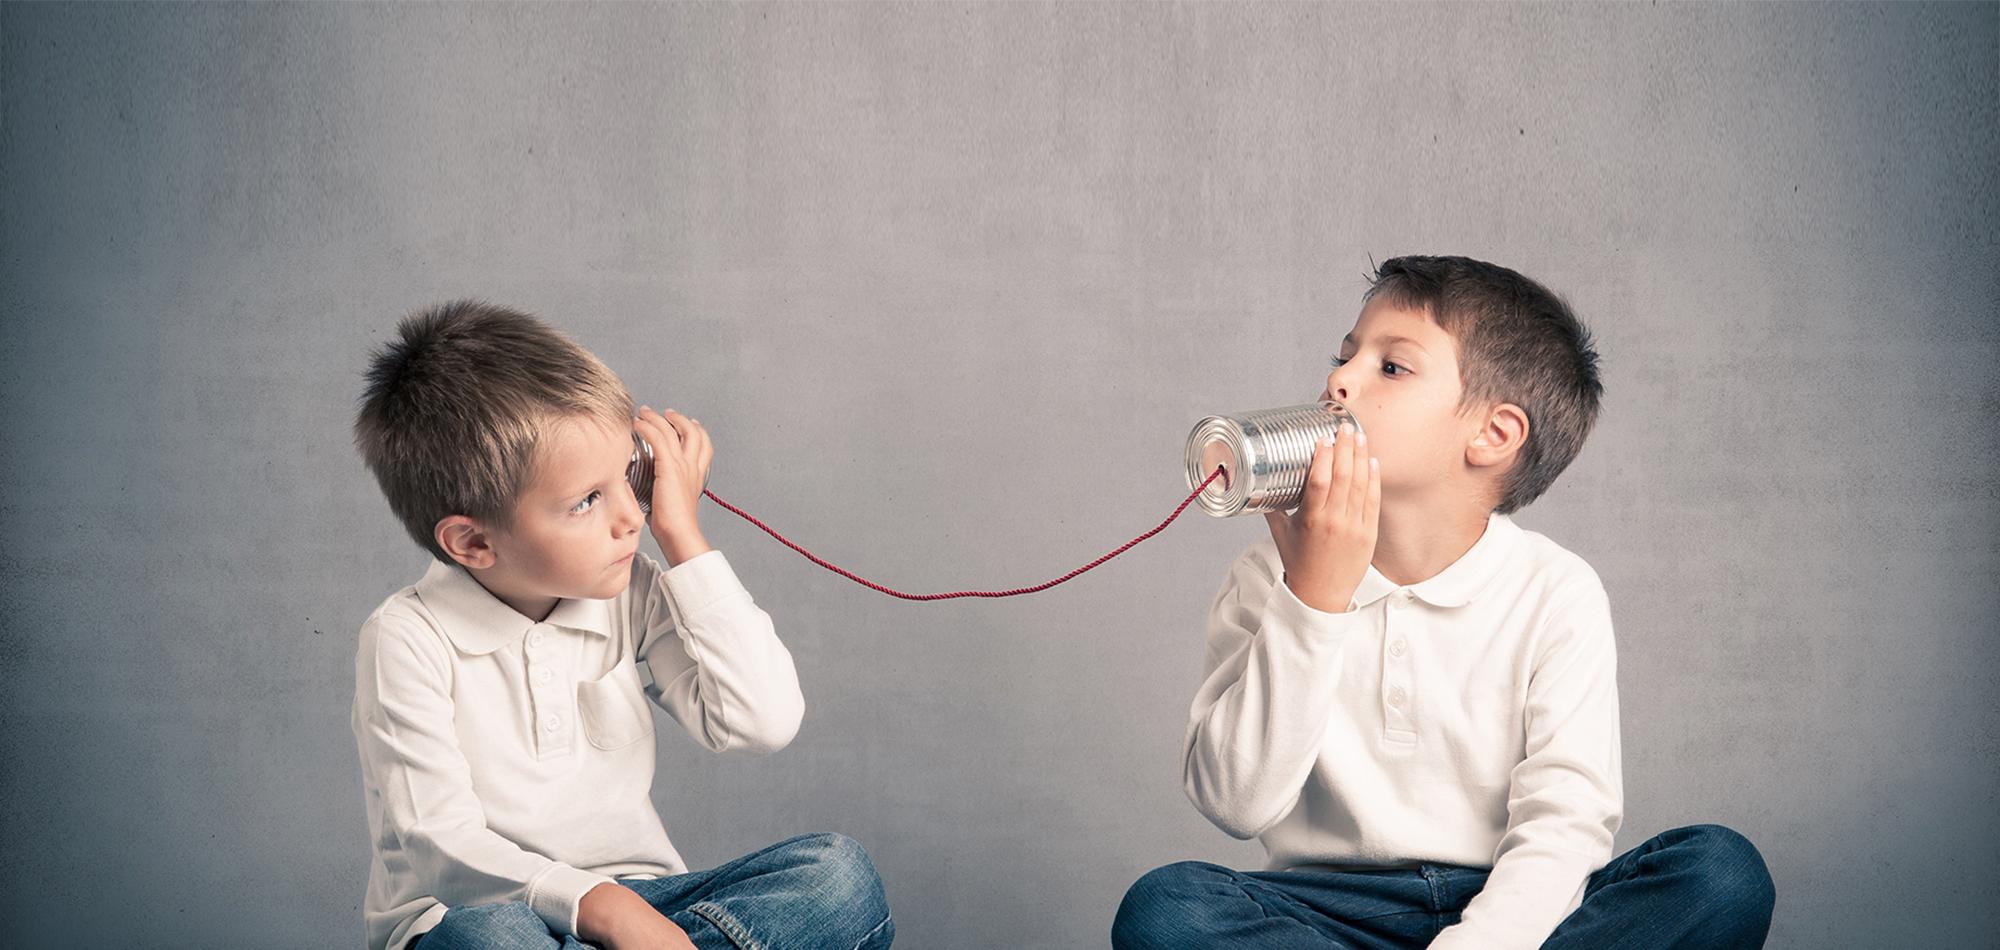 Sprechen Sie die Sprache Ihrer Kunden?